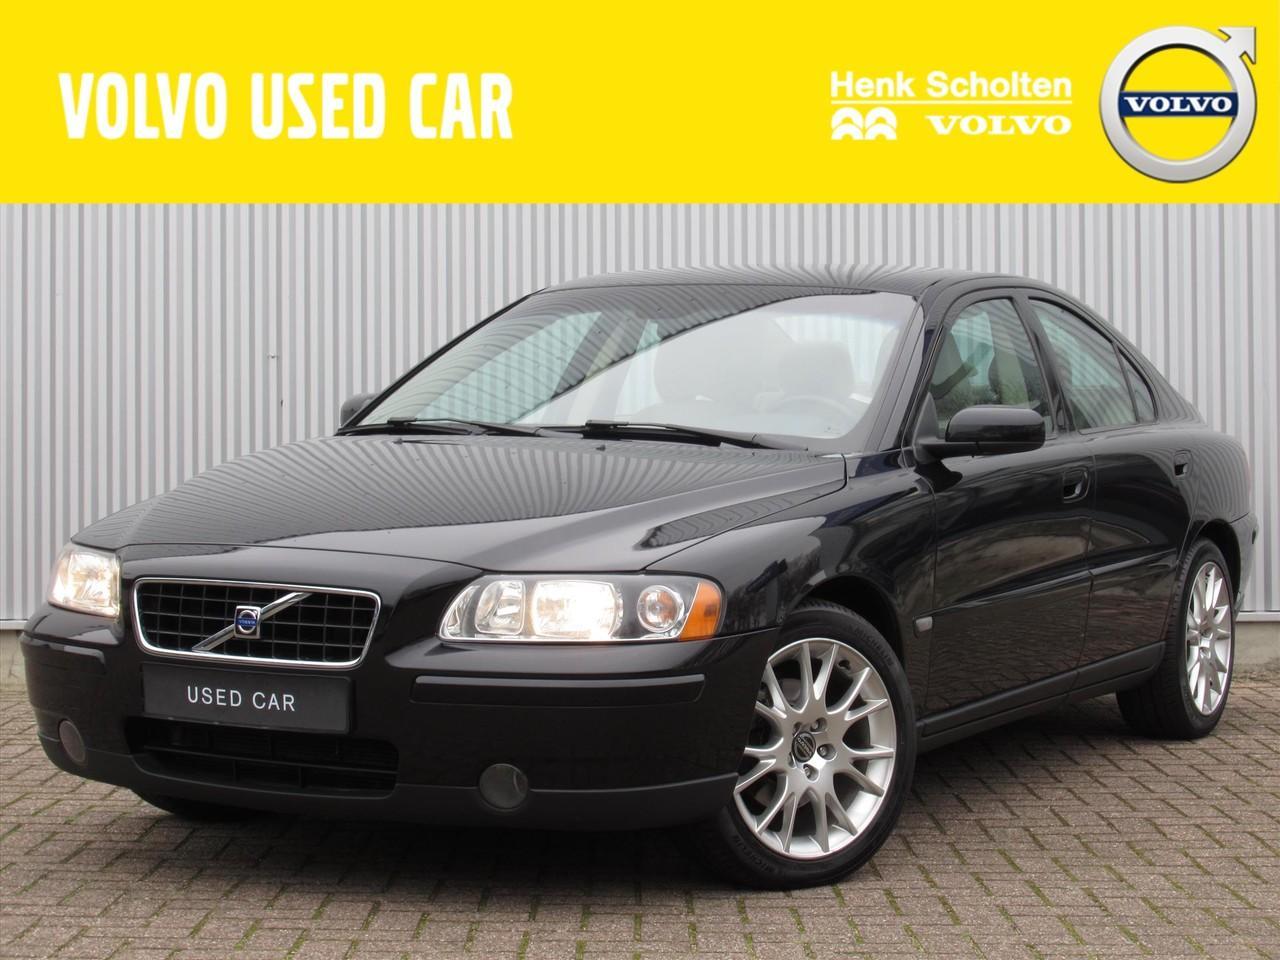 Volvo S60 2.4 140pk edition ii stoelverwarming parkeersensoren